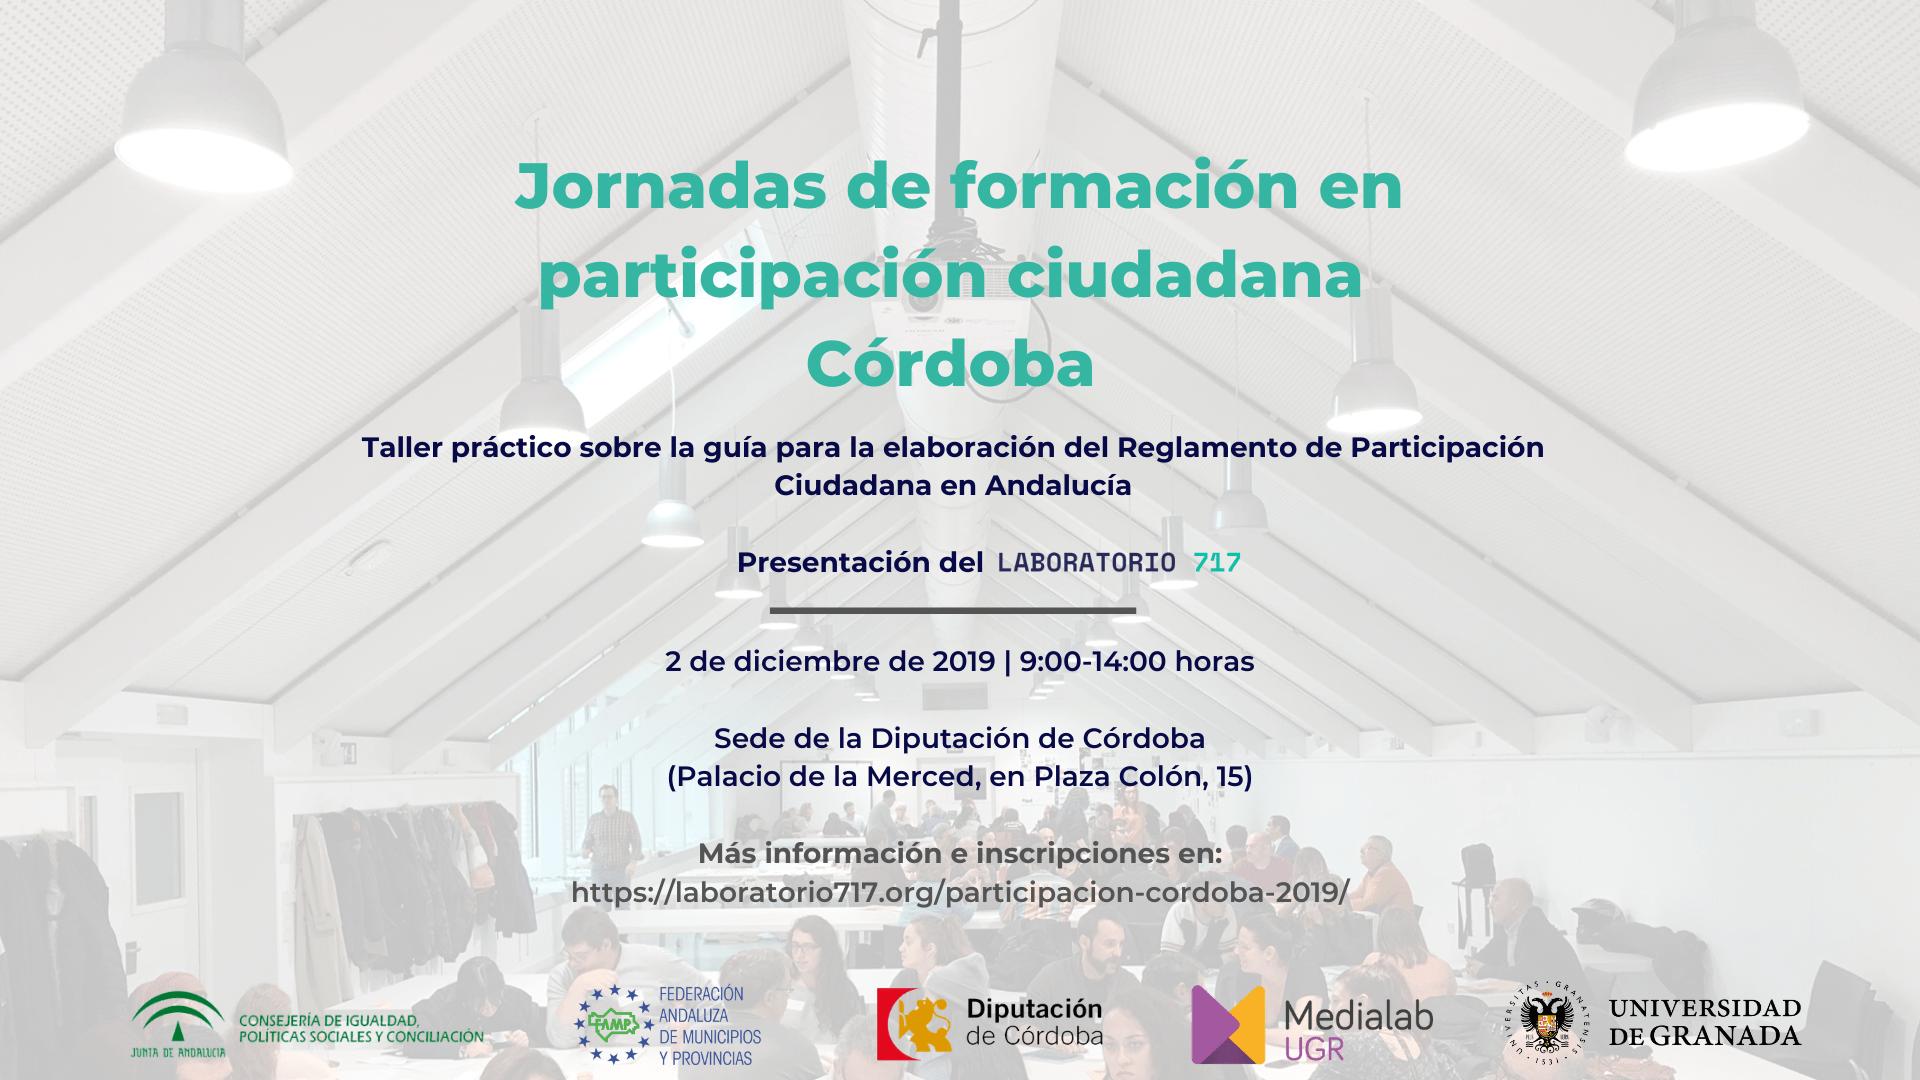 Imagen de la noticia Jornada de formación en participación ciudadana Córdoba (2 de diciembre de 2019)